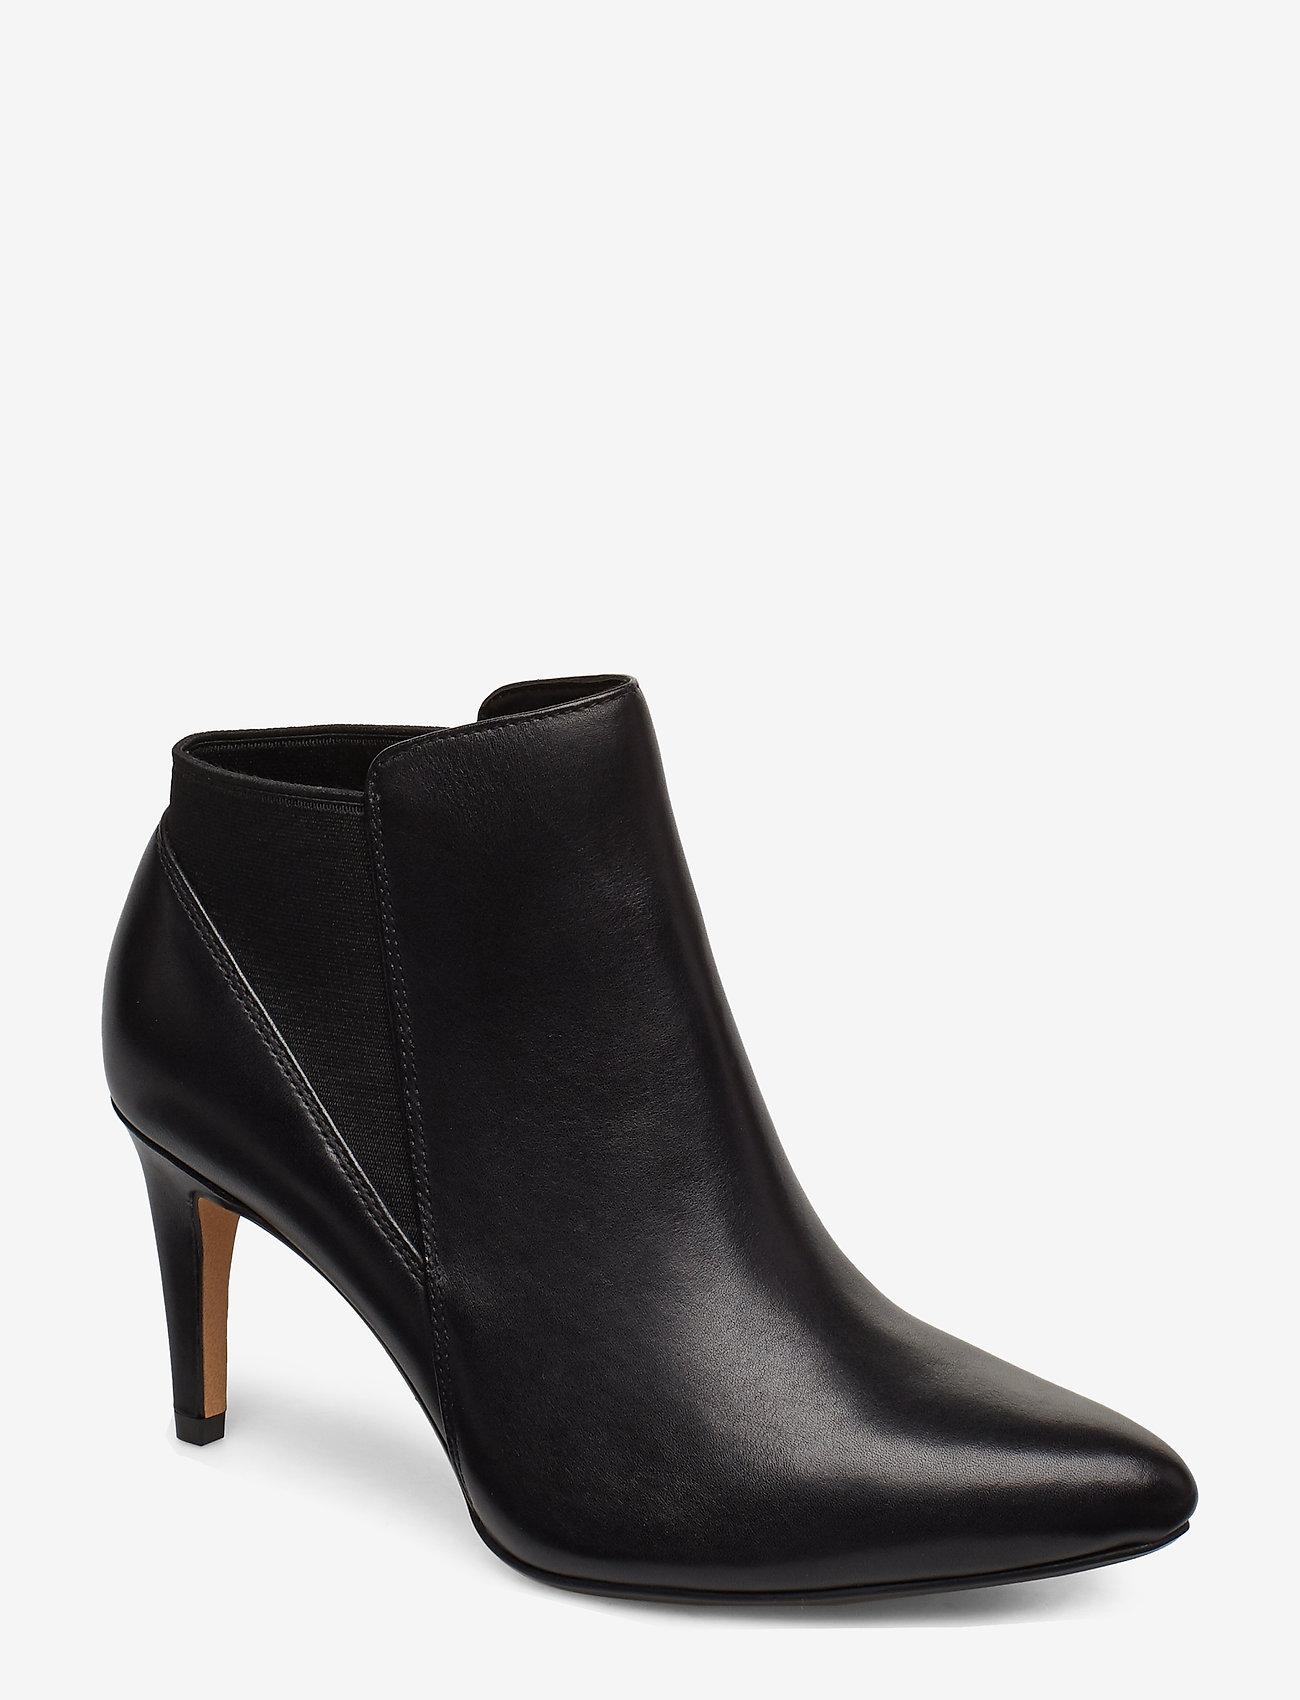 Clarks - Laina Violet - ankelstøvler med hæl - black leather - 0